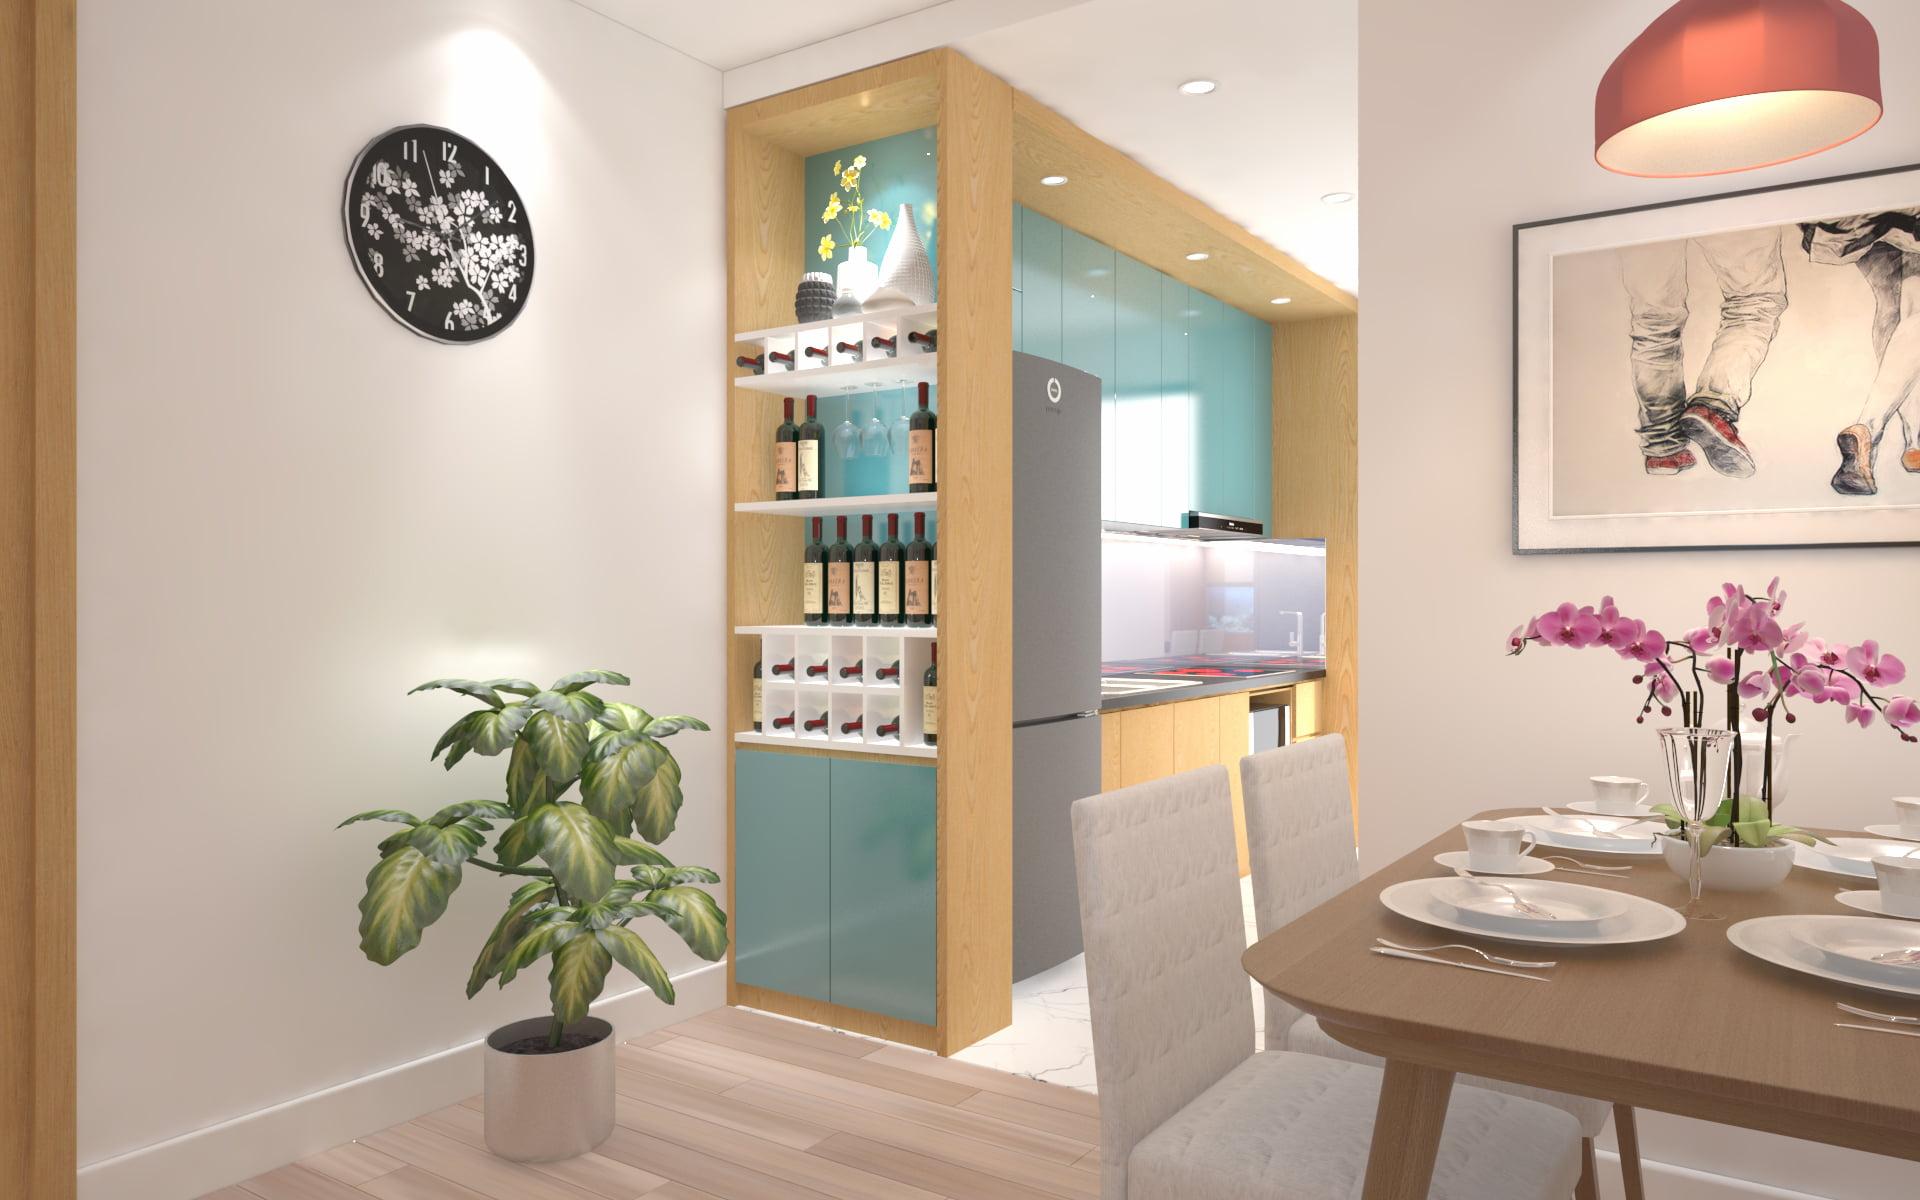 thiết kế nội thất chung cư giá rẻ 15